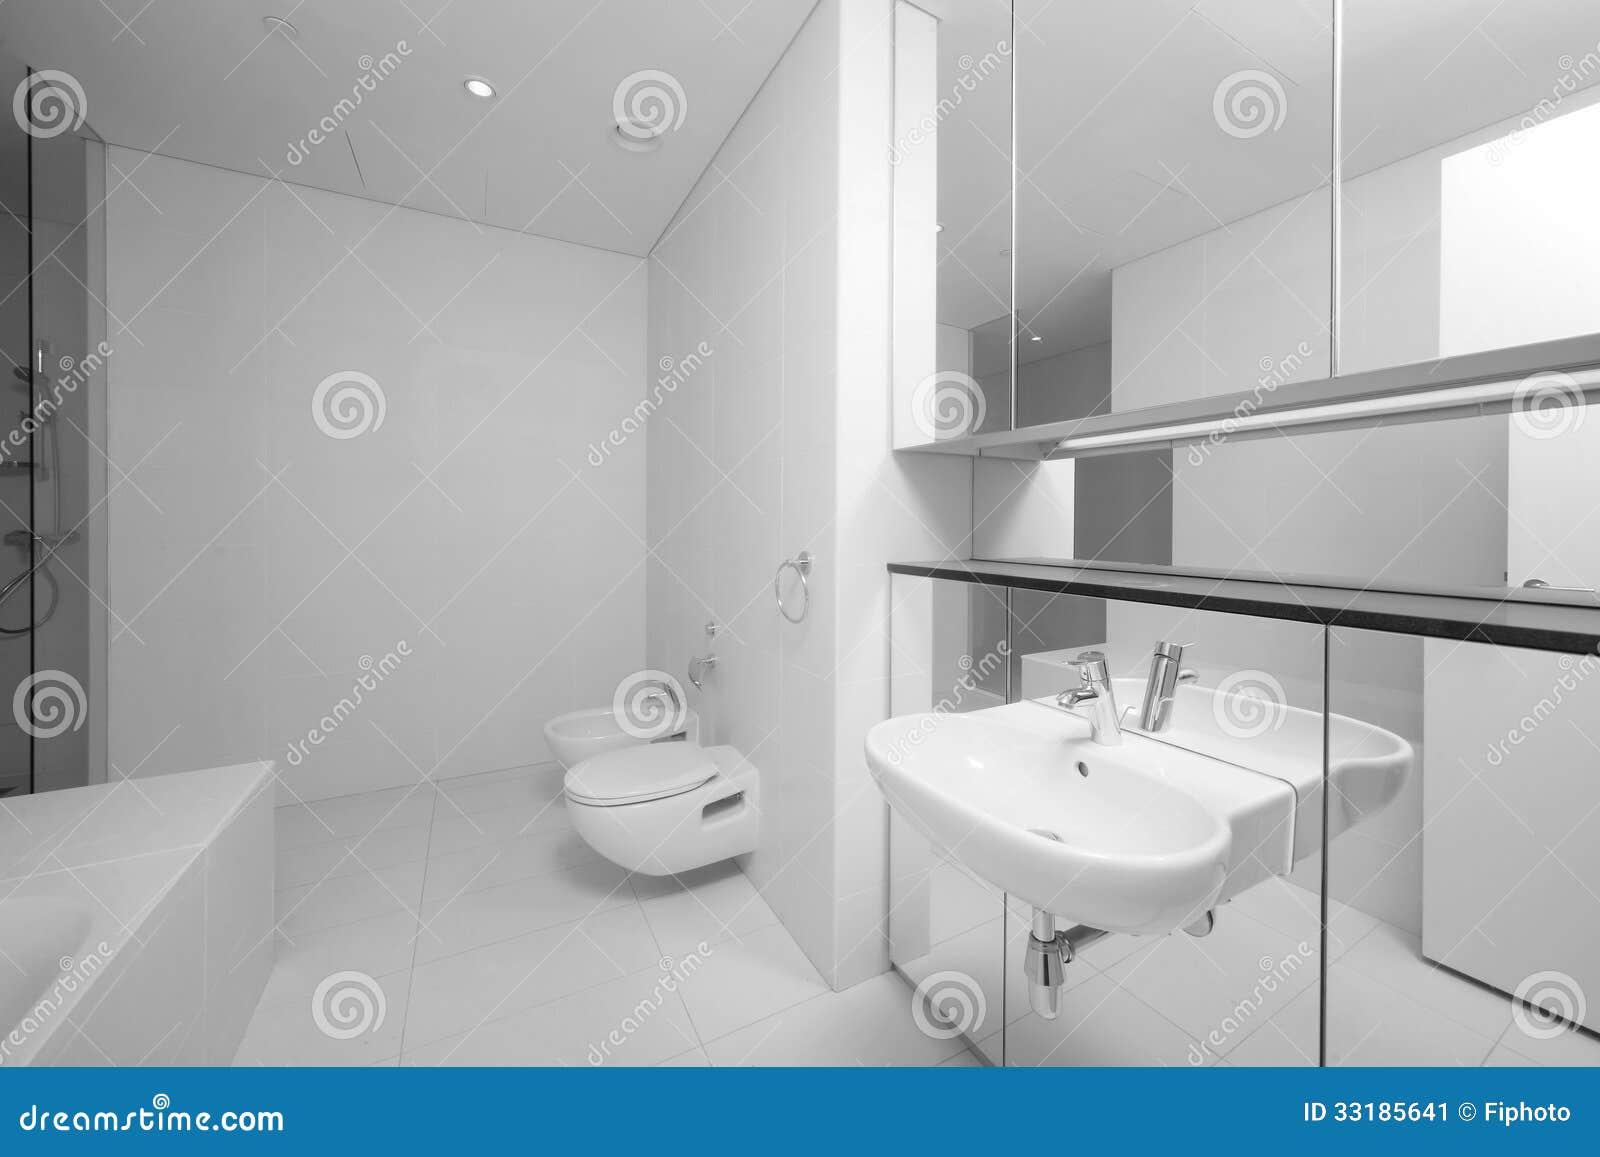 Helle Und Saubere Europaische Toilette Stockbild Bild Von